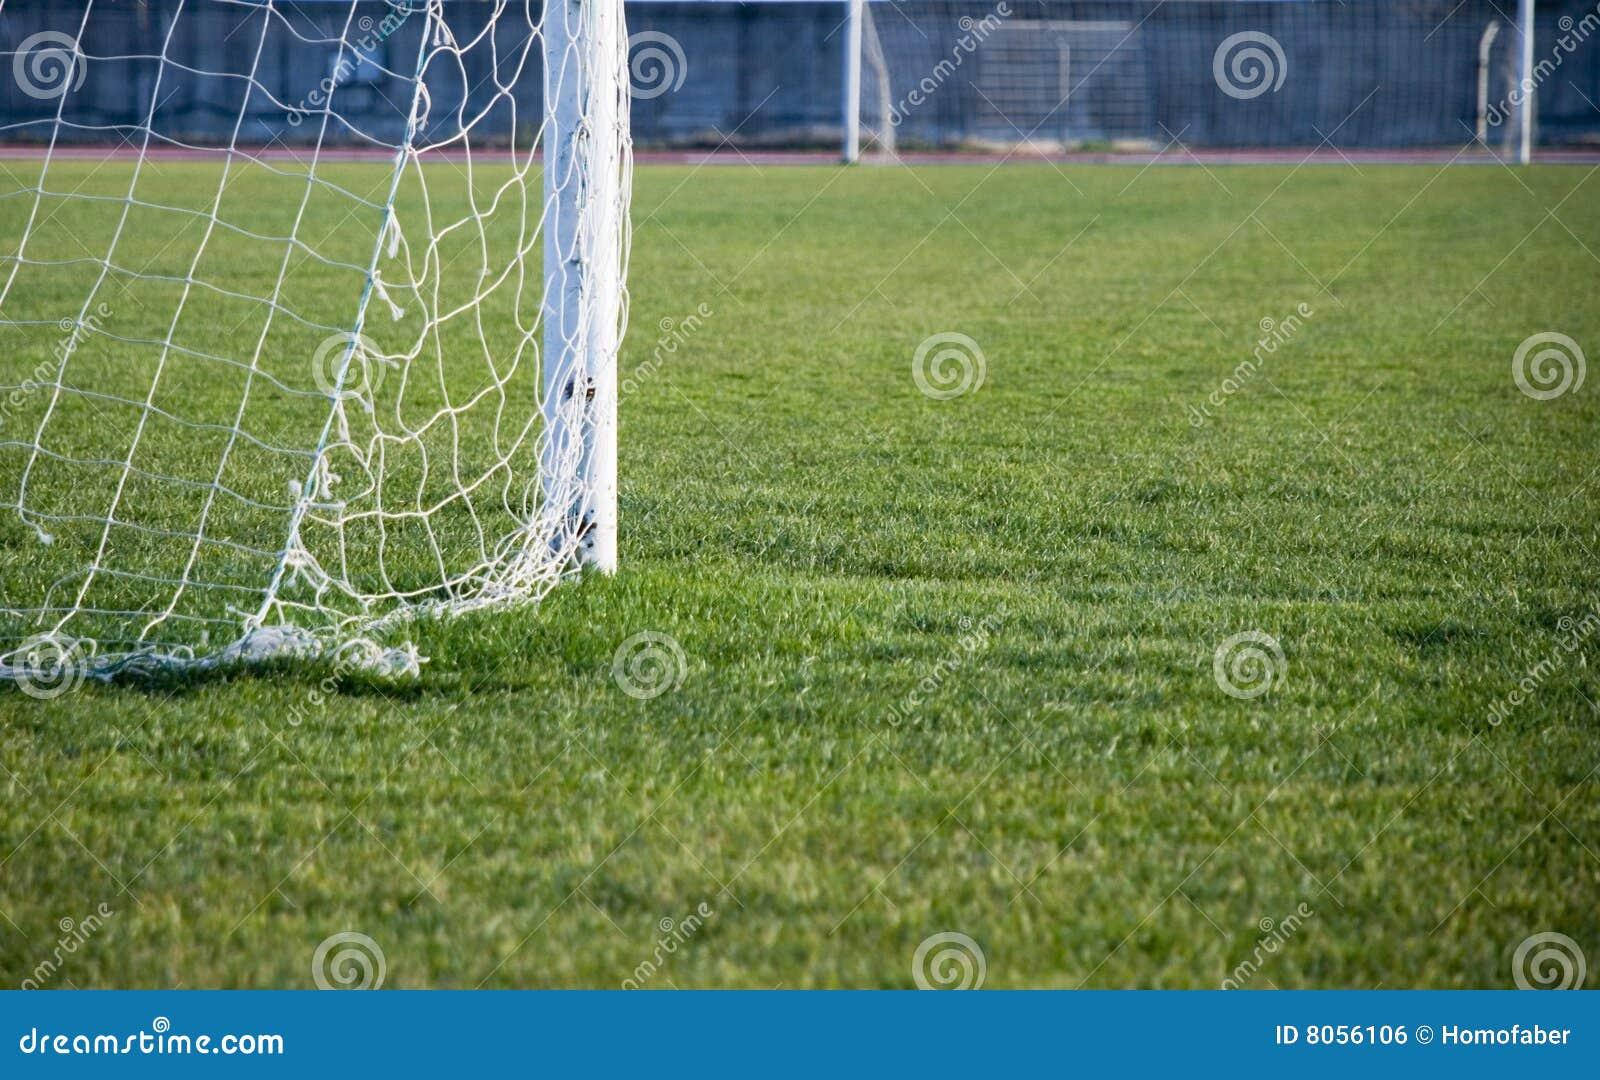 Futbolowa zmielona piłka nożna